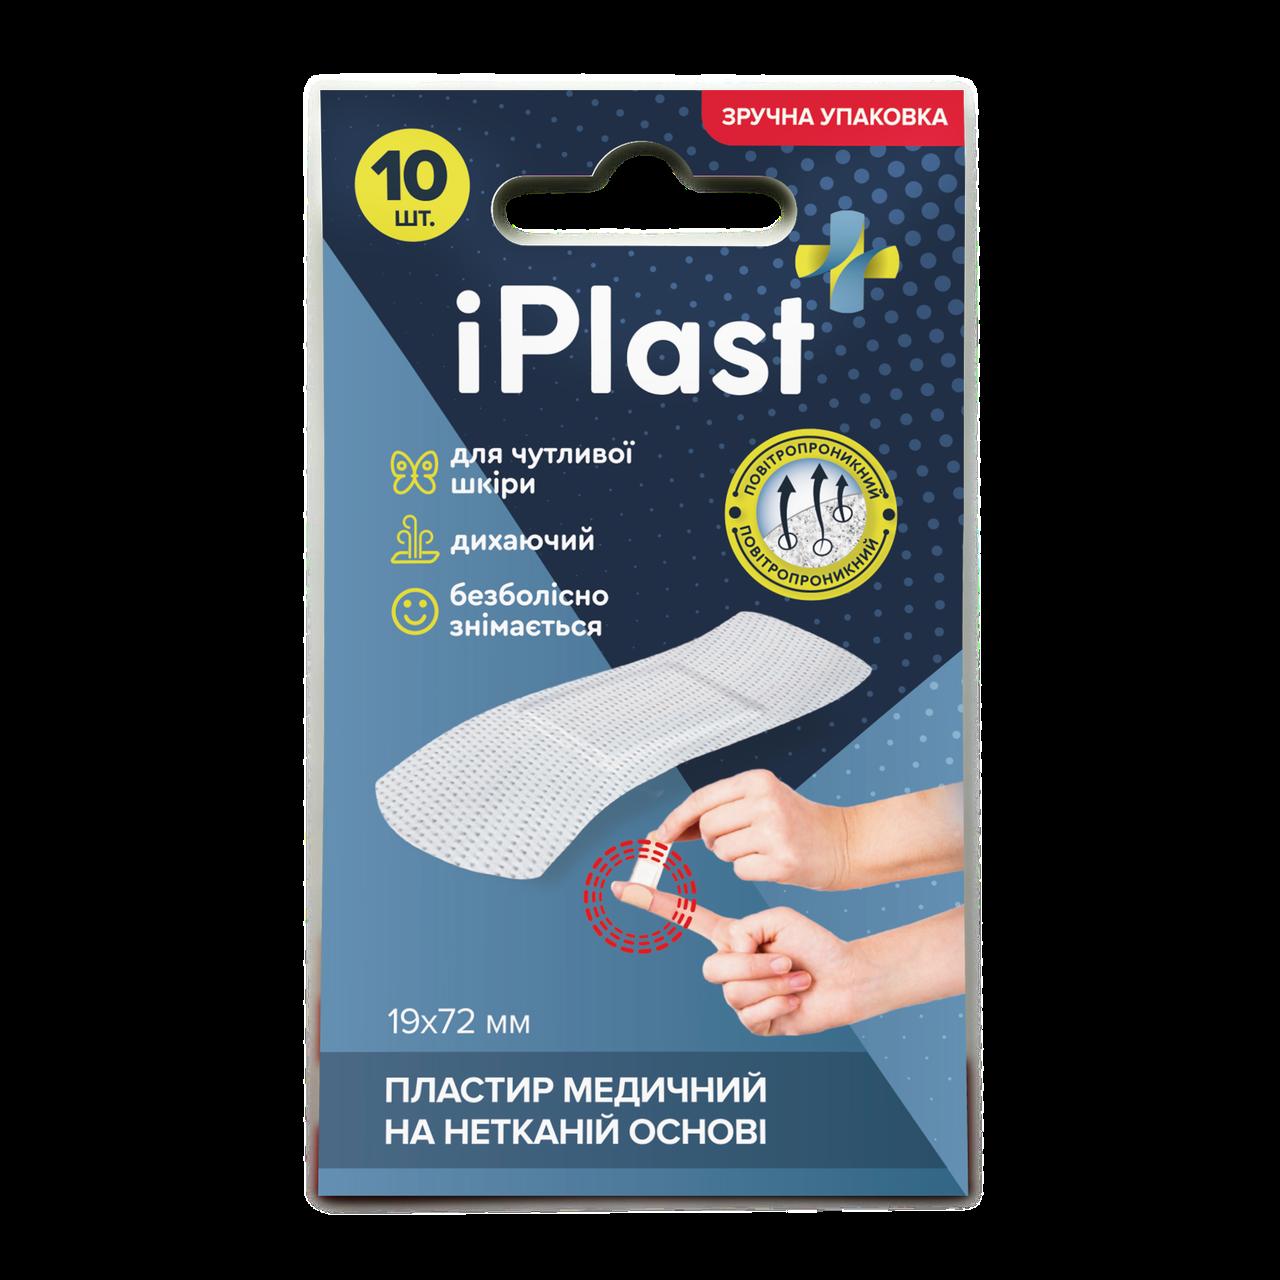 Пластырь Медицинский на нетканой основе IPlast (Dr.Frei) (19x72 мм, 10шт)